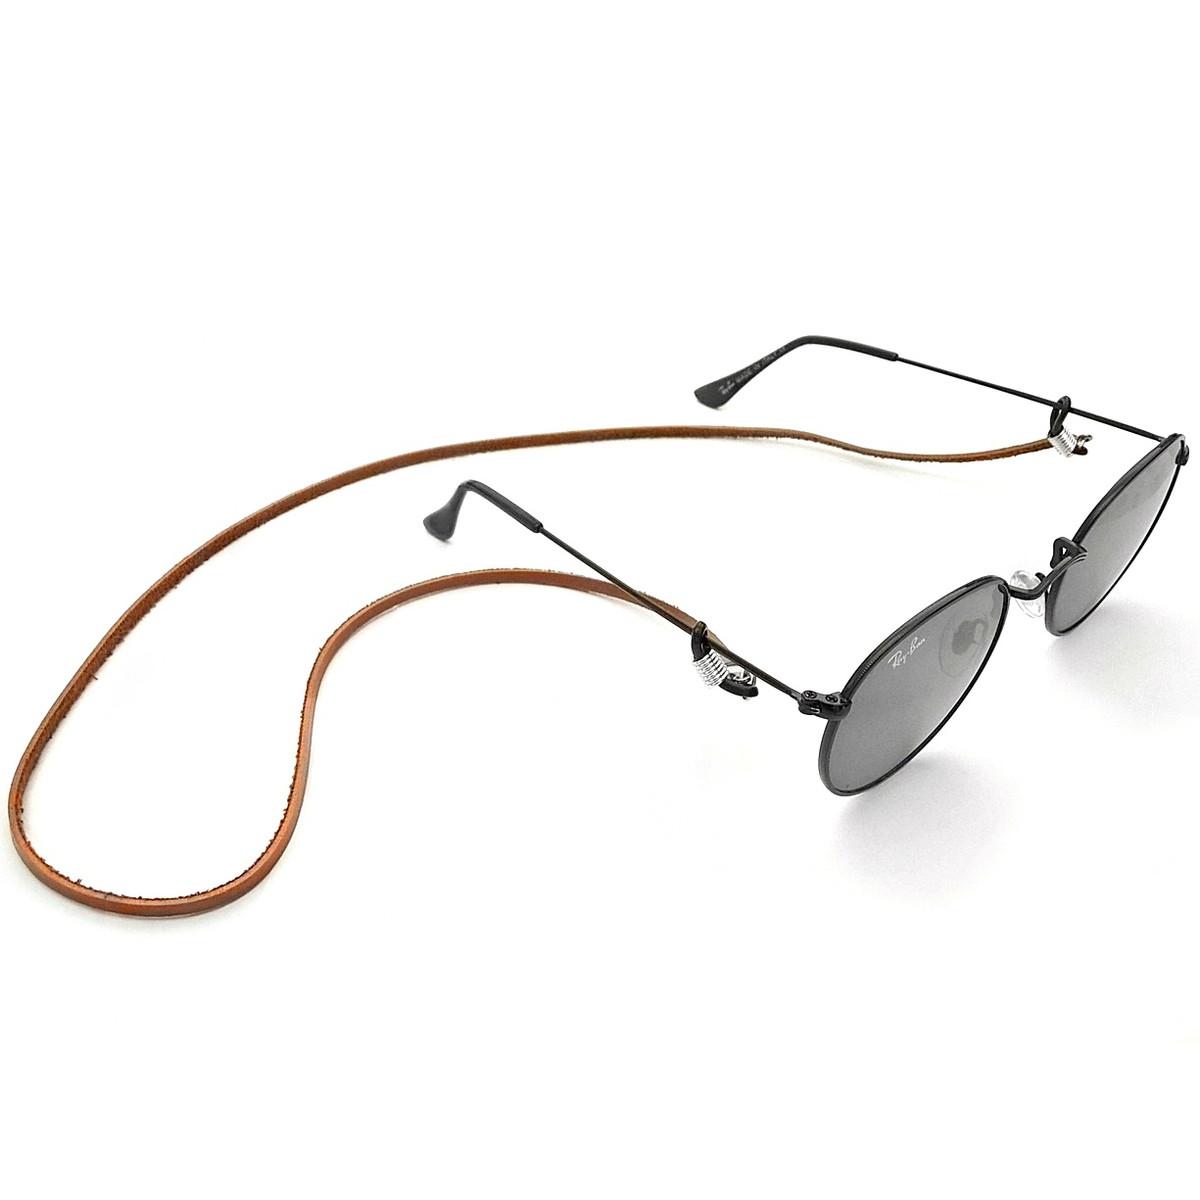 Cordinha Para Oculos De Couro Cordão Salva Oculos De Sol no Elo7 ... c6a9cf06b0